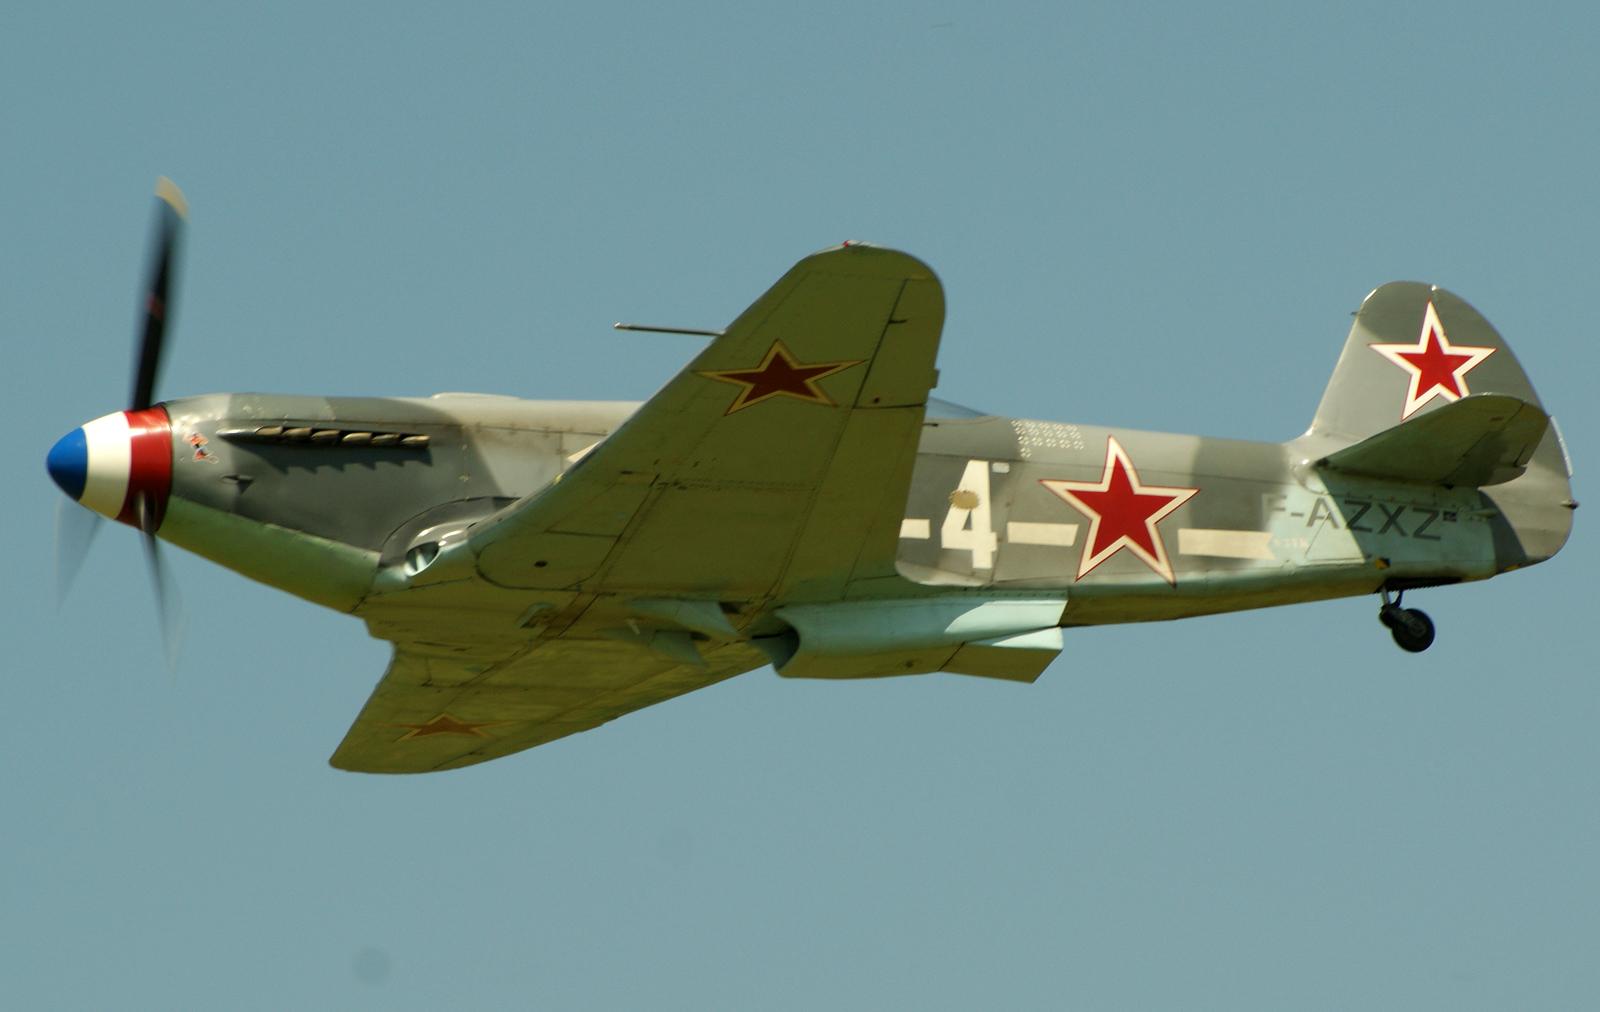 Yakovlev Yak-3UA F-AZXZ 4 Soviet Air Force